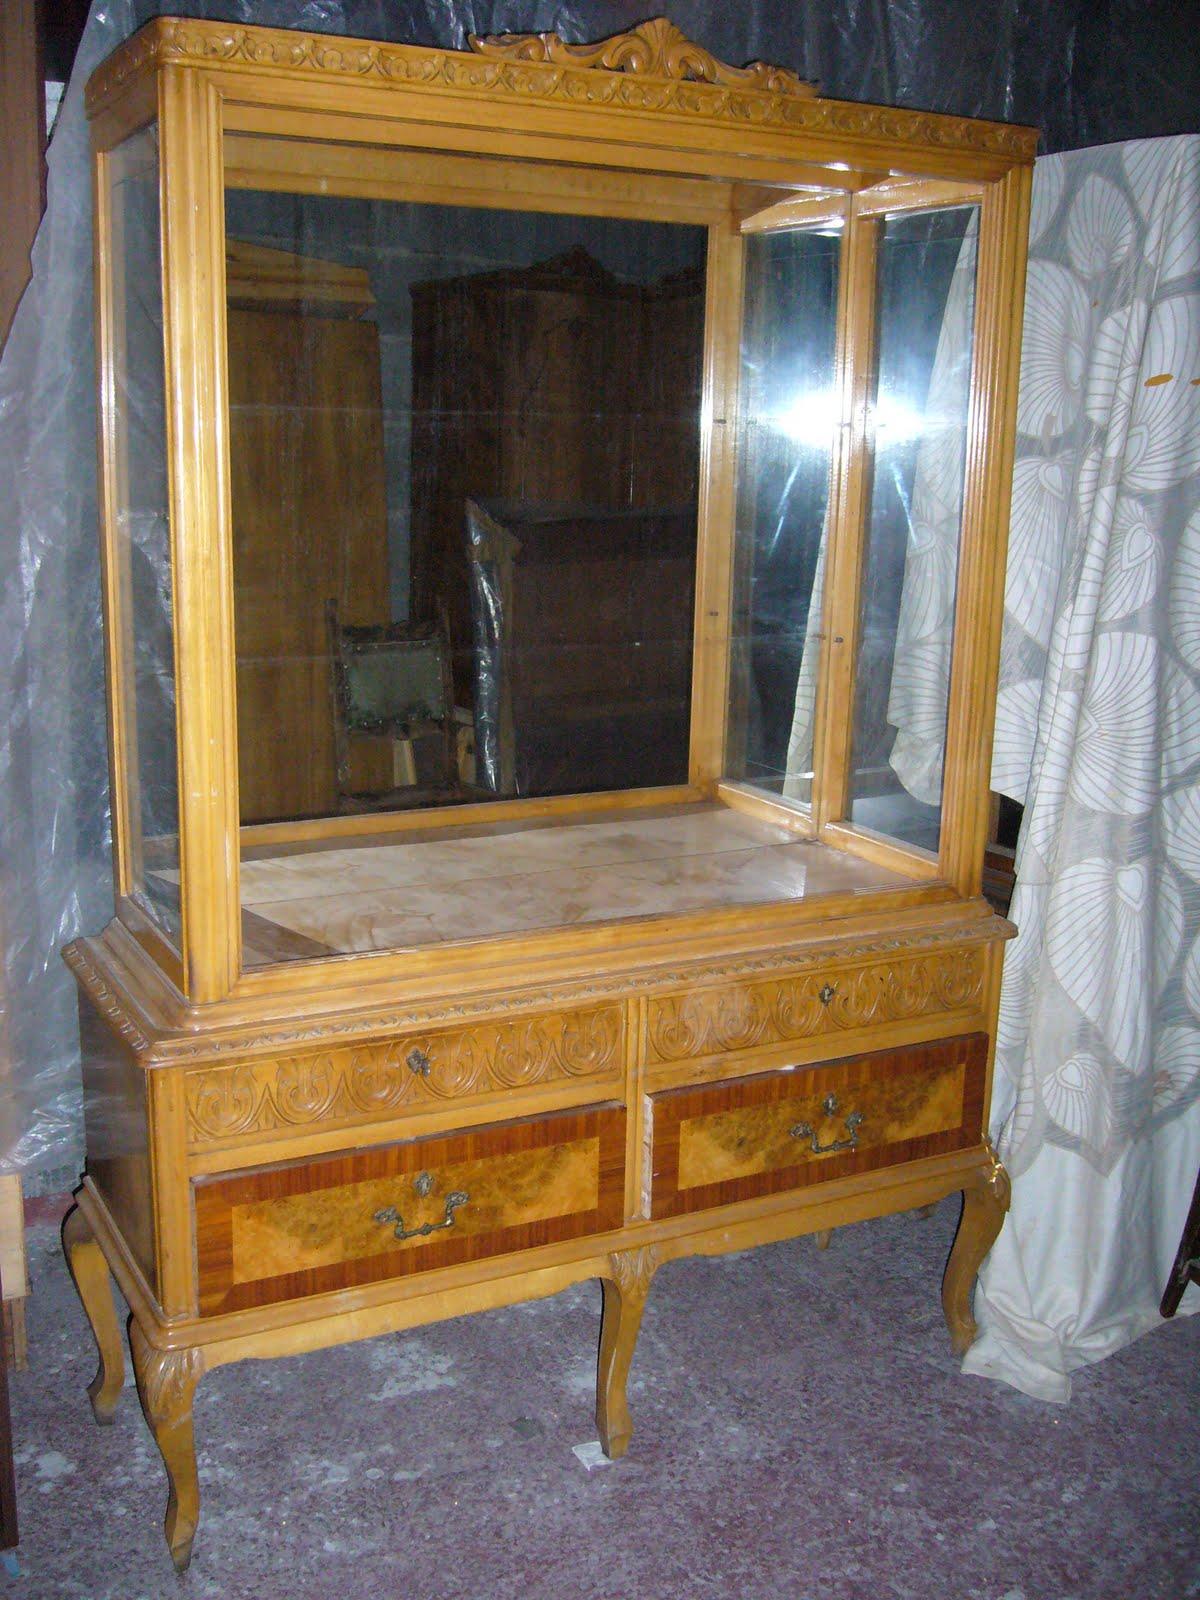 Muebles Patinados Tres Verdes La Restauradora De La Laguna # Muebles Reformados Antes Y Despues